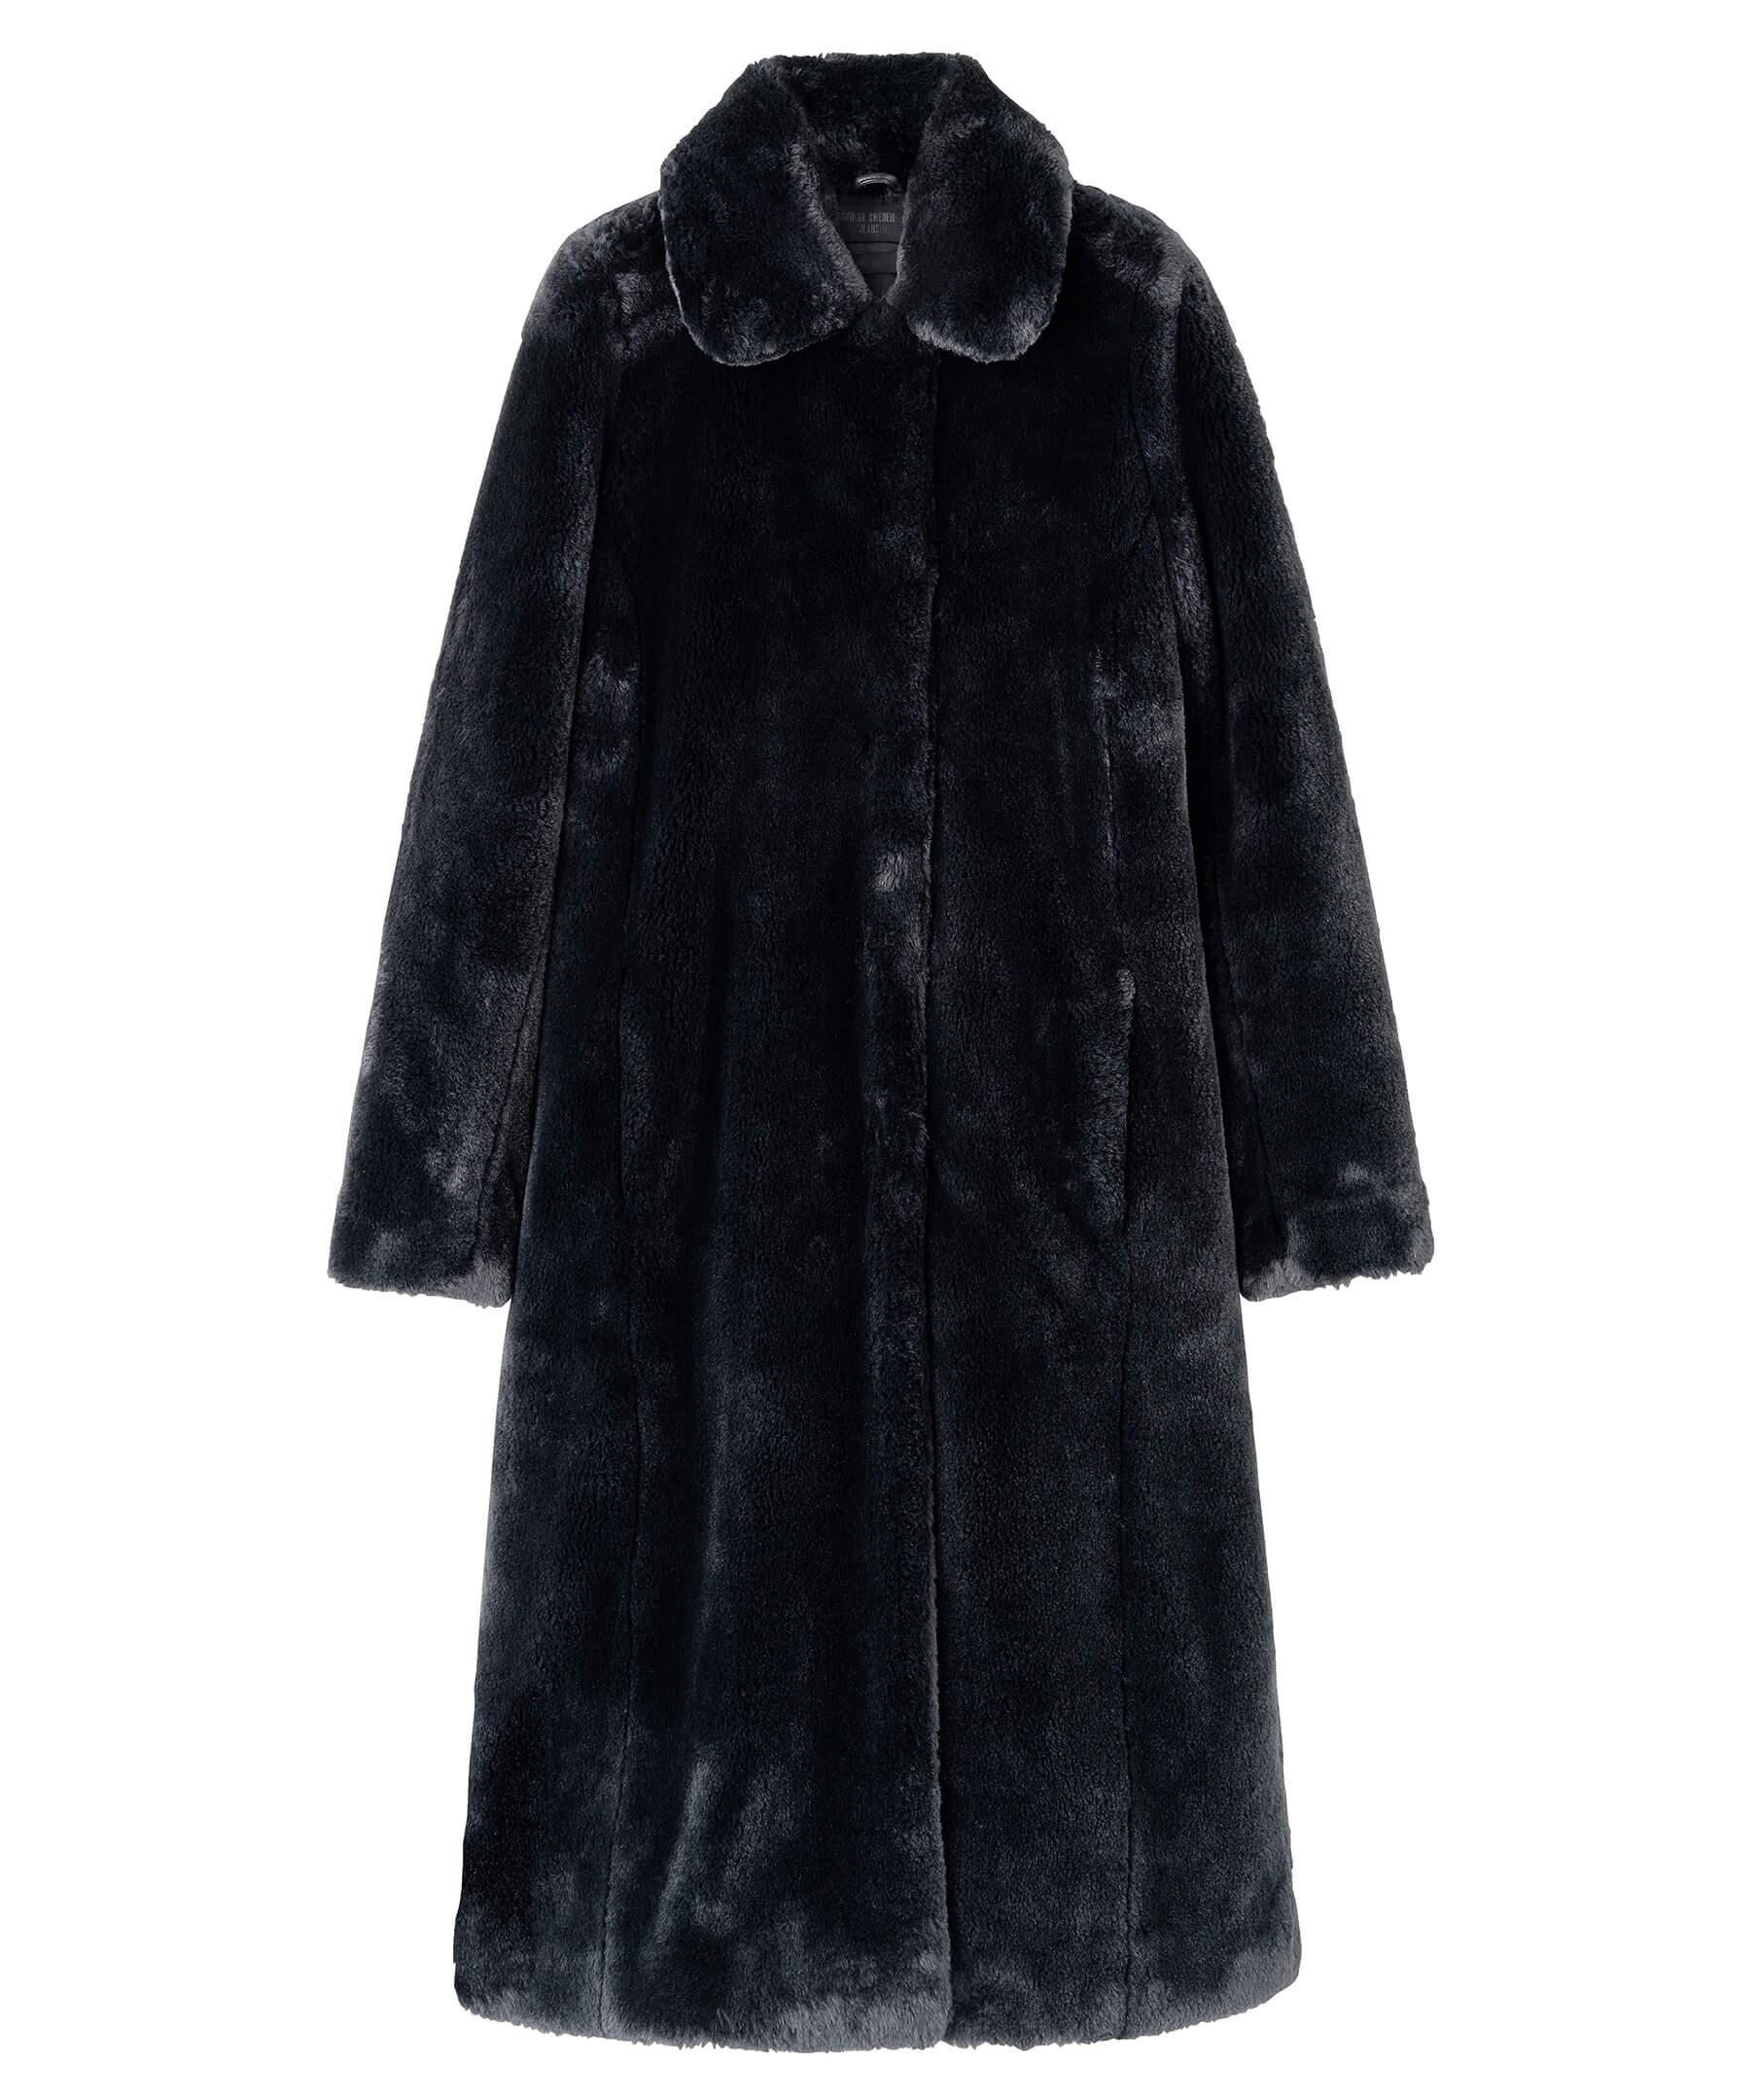 En svart, lång kappa i fuskpäls från Tiger of Sweden.